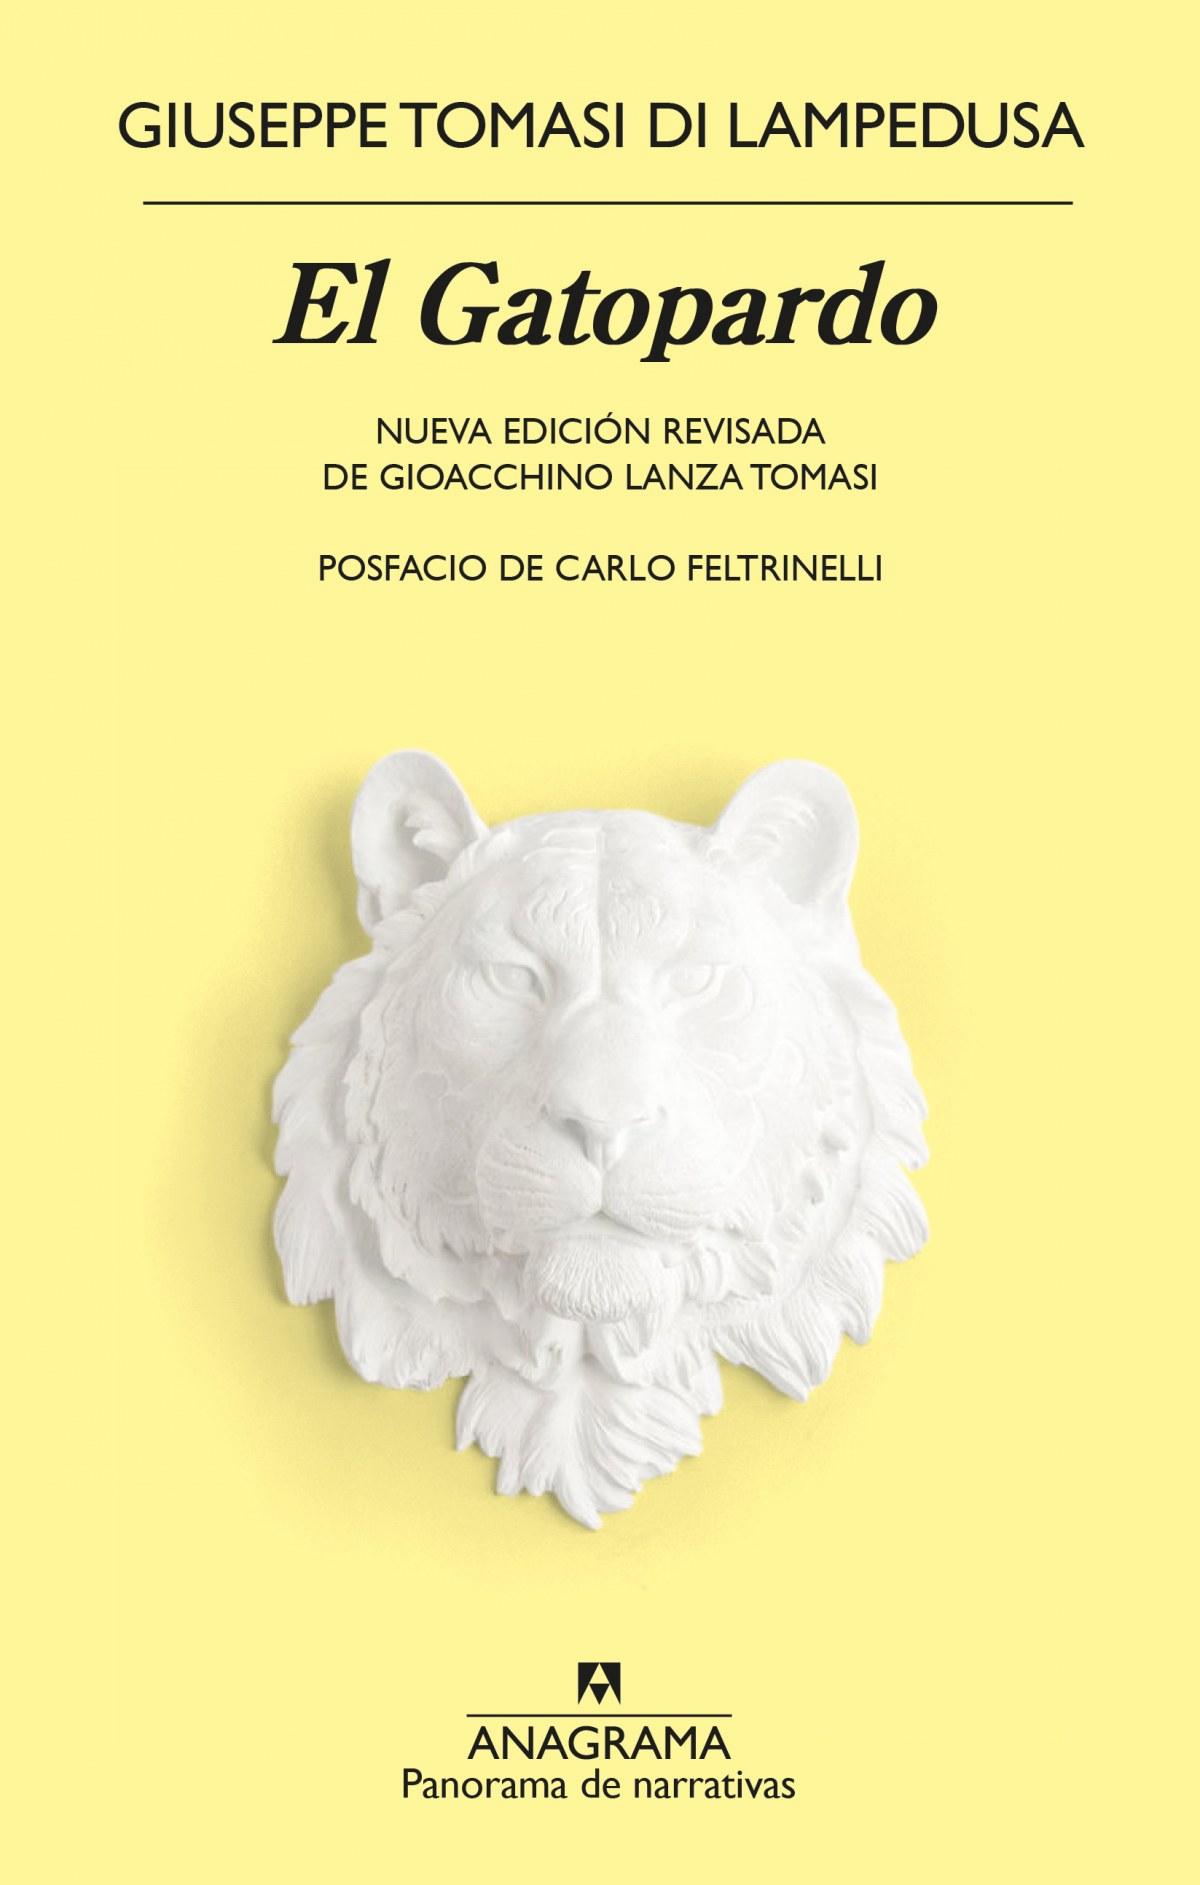 EL GATOPARDO 9788433980304